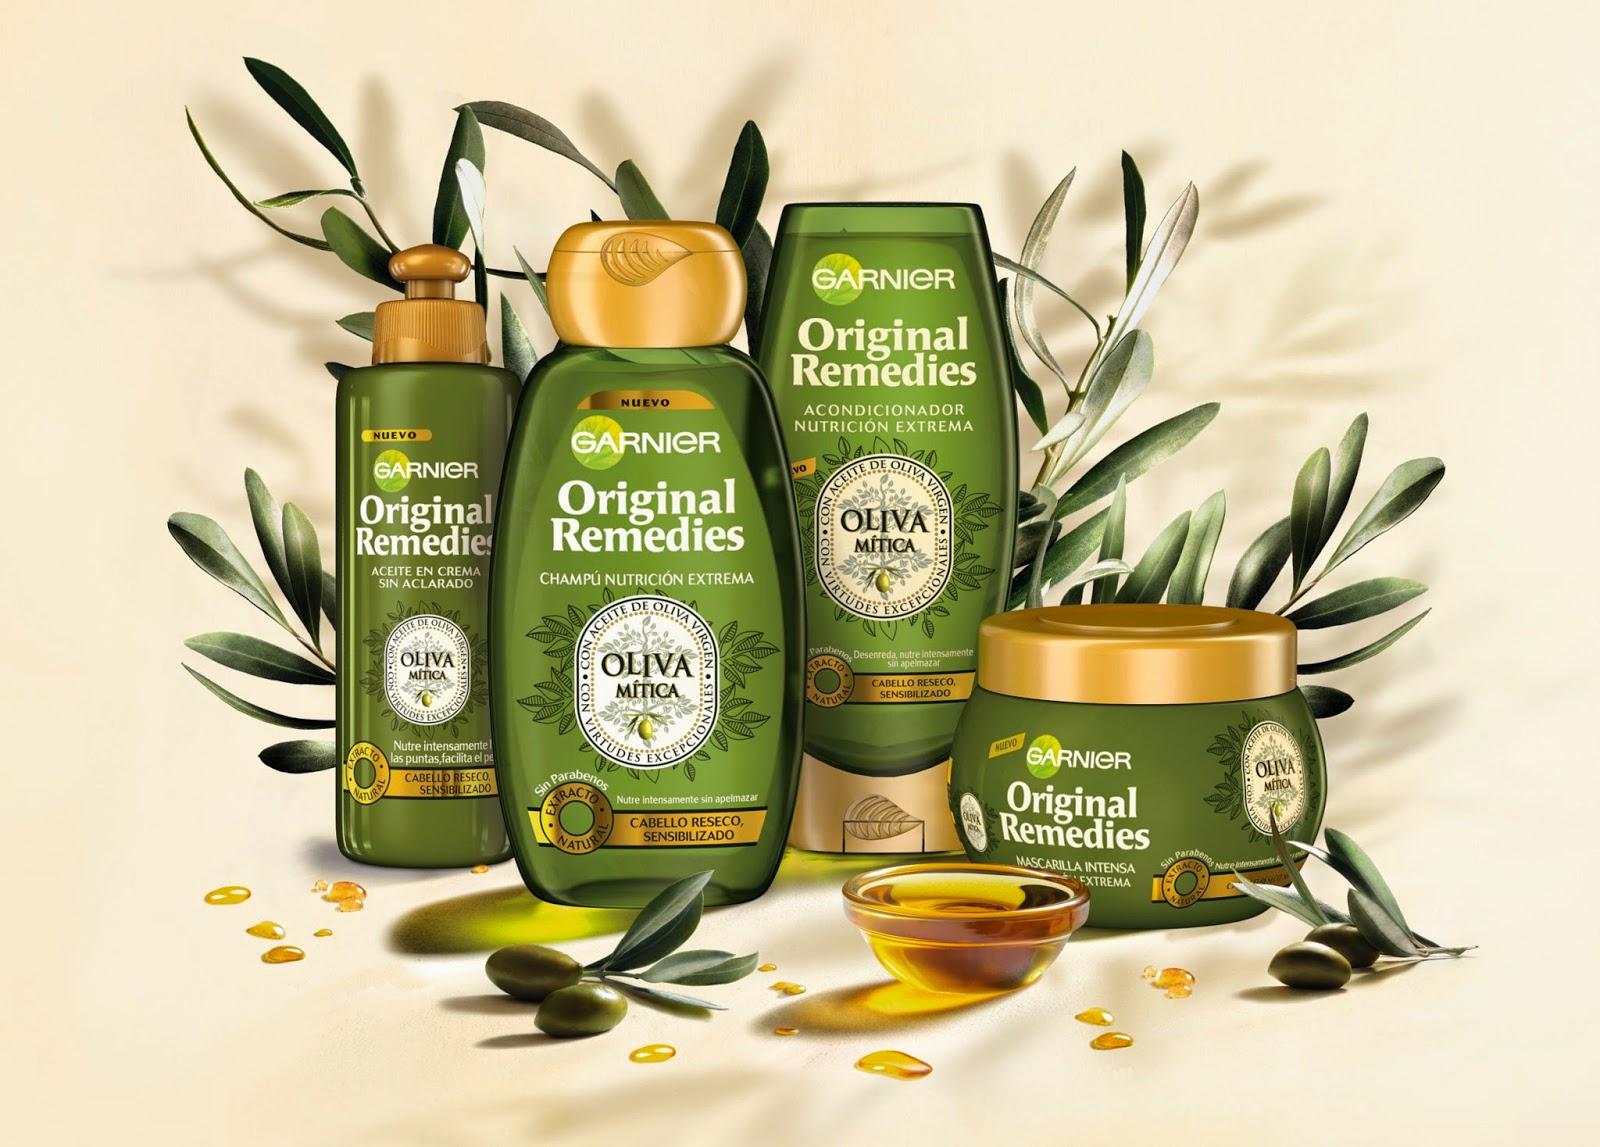 Original_Remedies_Garnier_Bymyheels